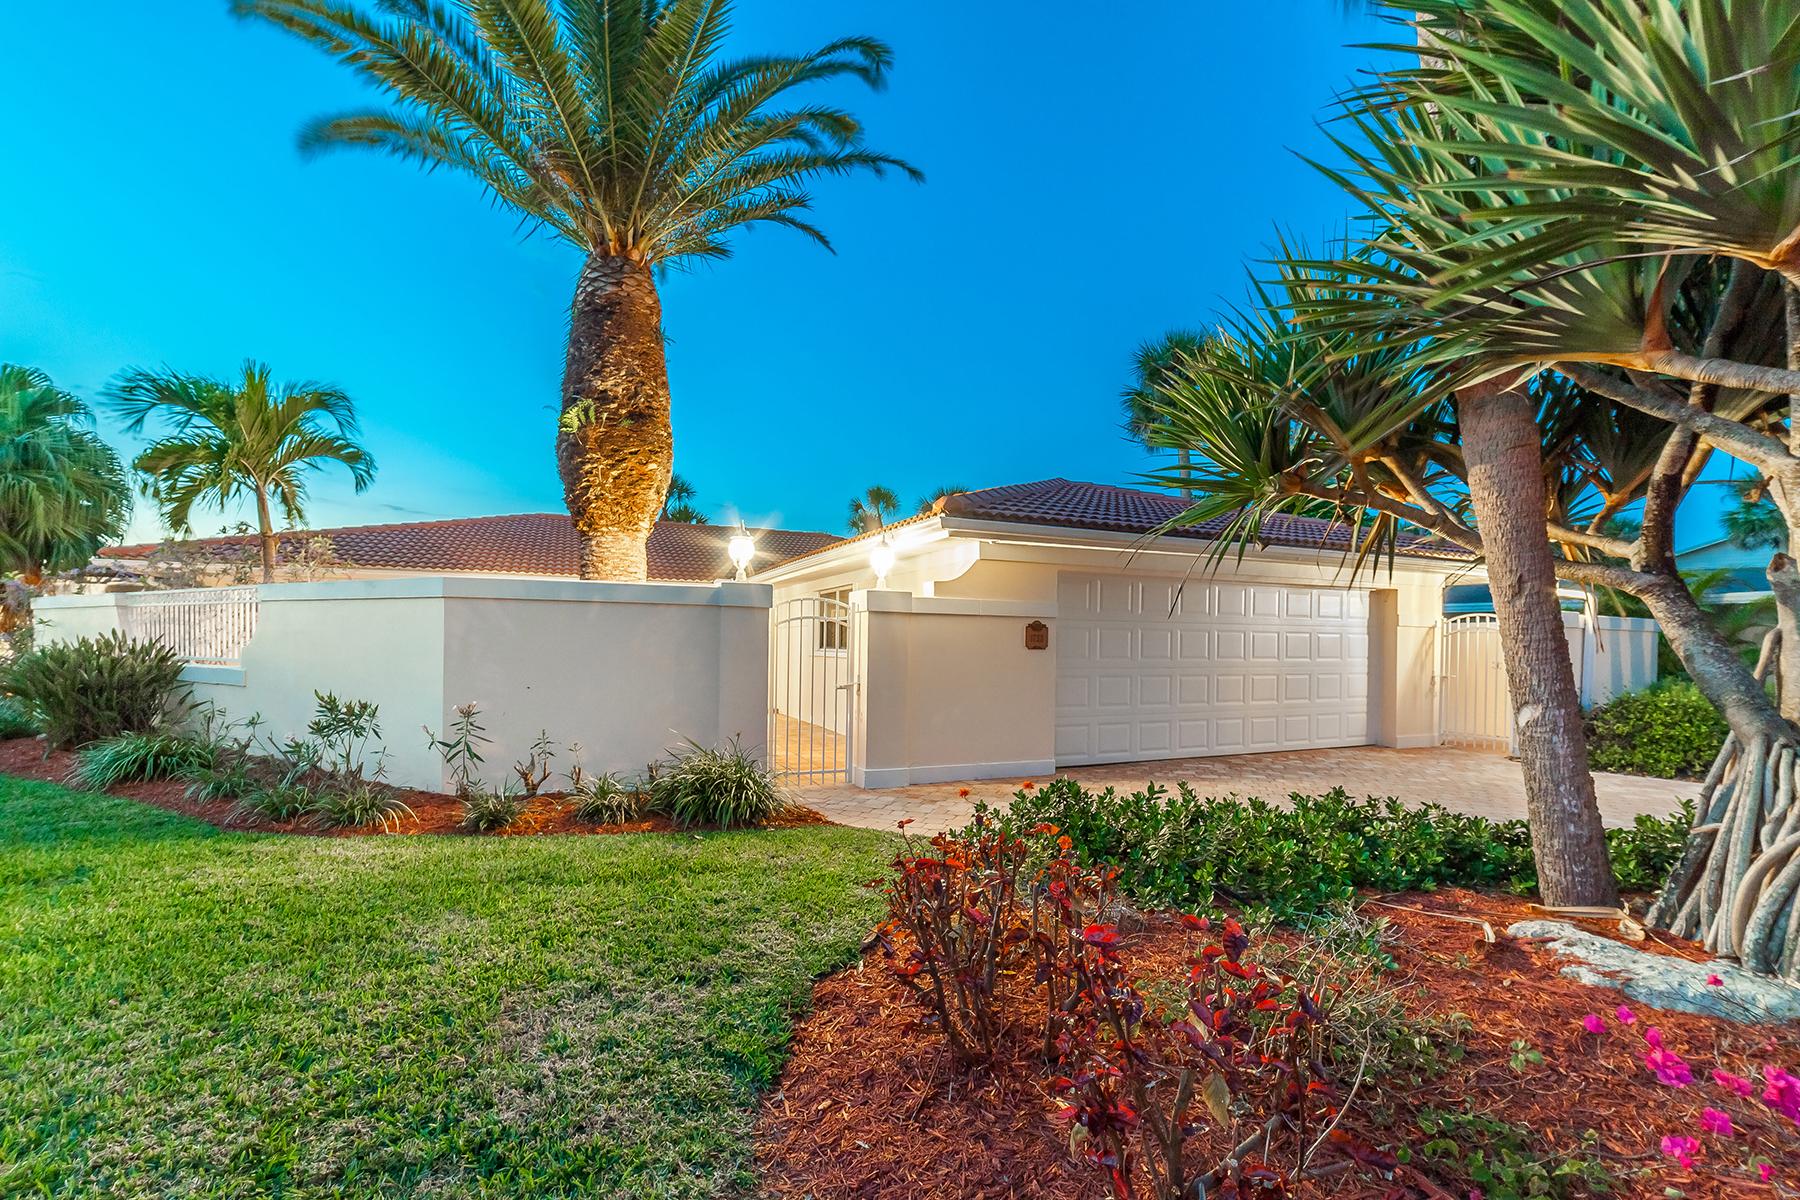 Casa Unifamiliar por un Venta en SOUTHPOINTE SHORES 1733 Little Pointe Cir Sarasota, Florida, 34231 Estados Unidos